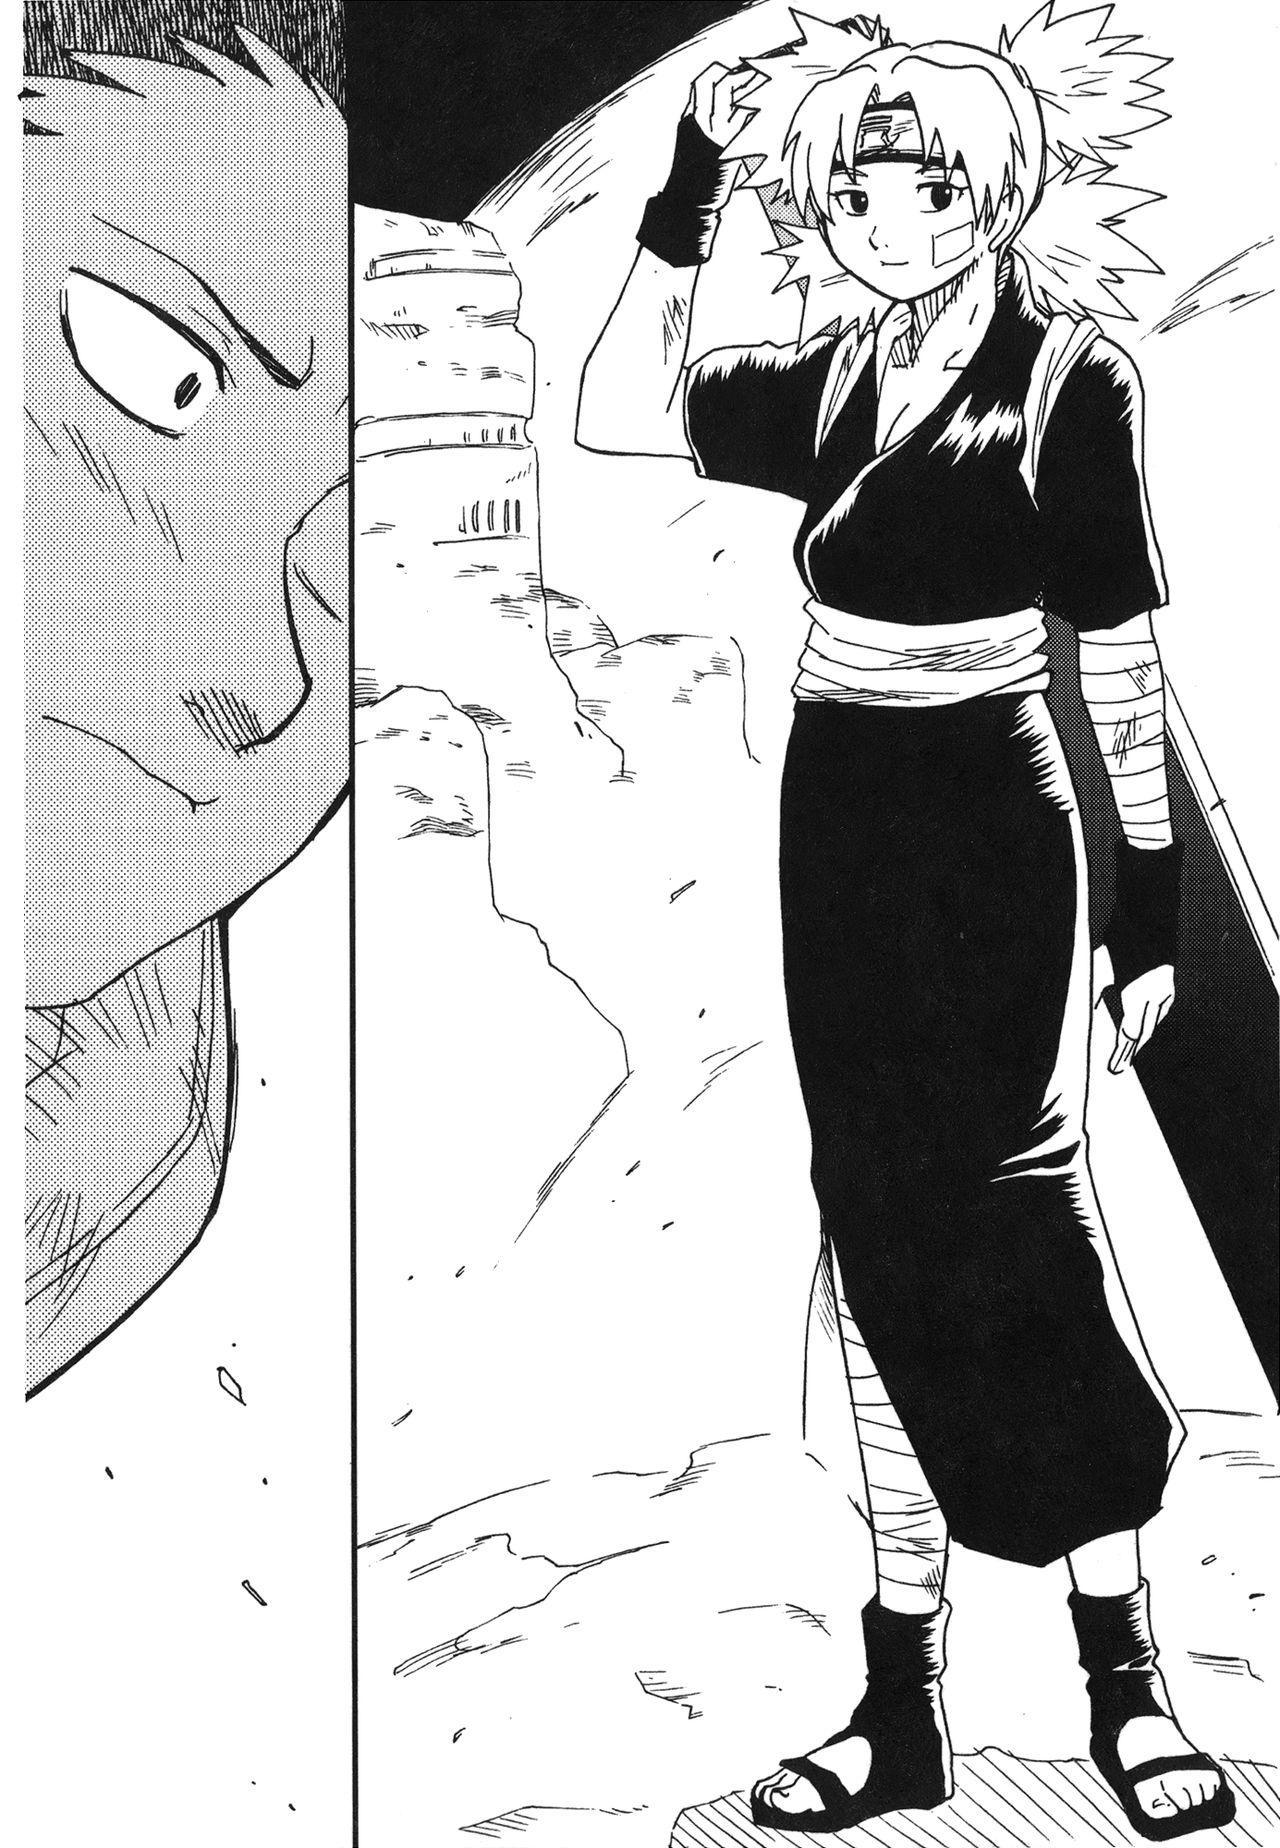 naruto ninja biography vol.07 132